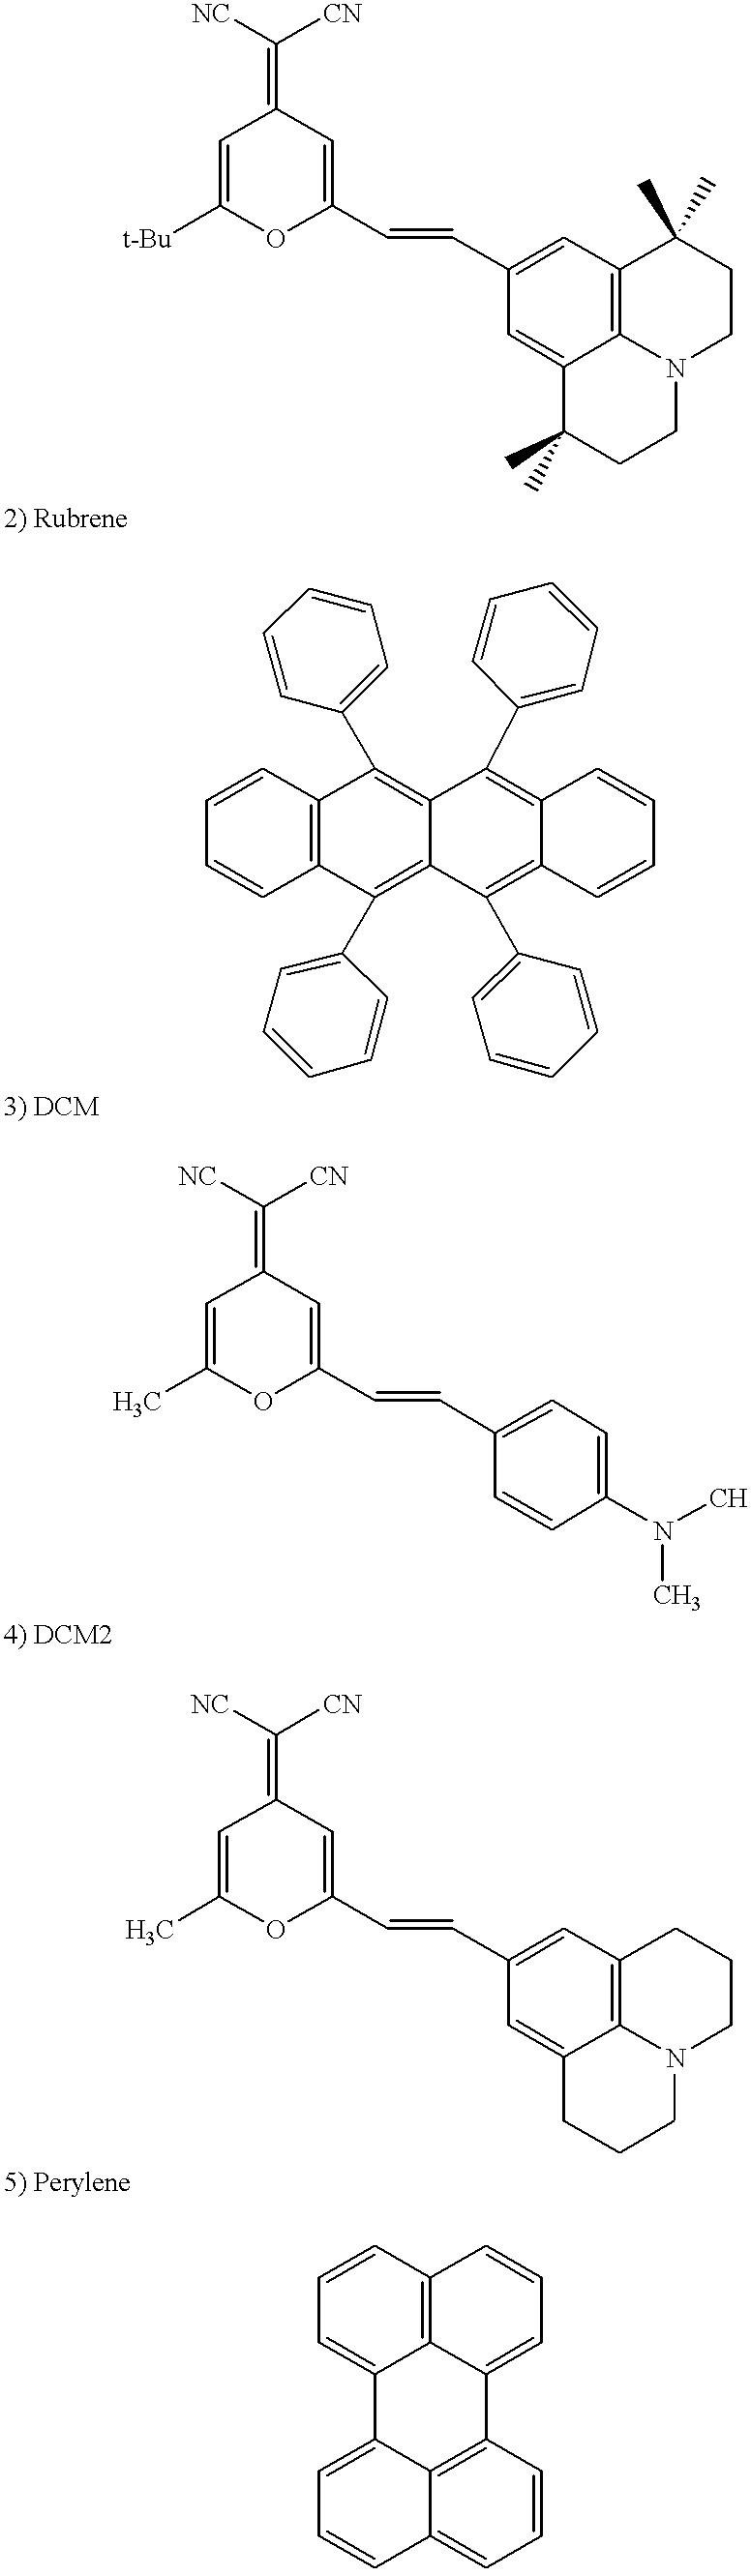 Figure US06614176-20030902-C00001